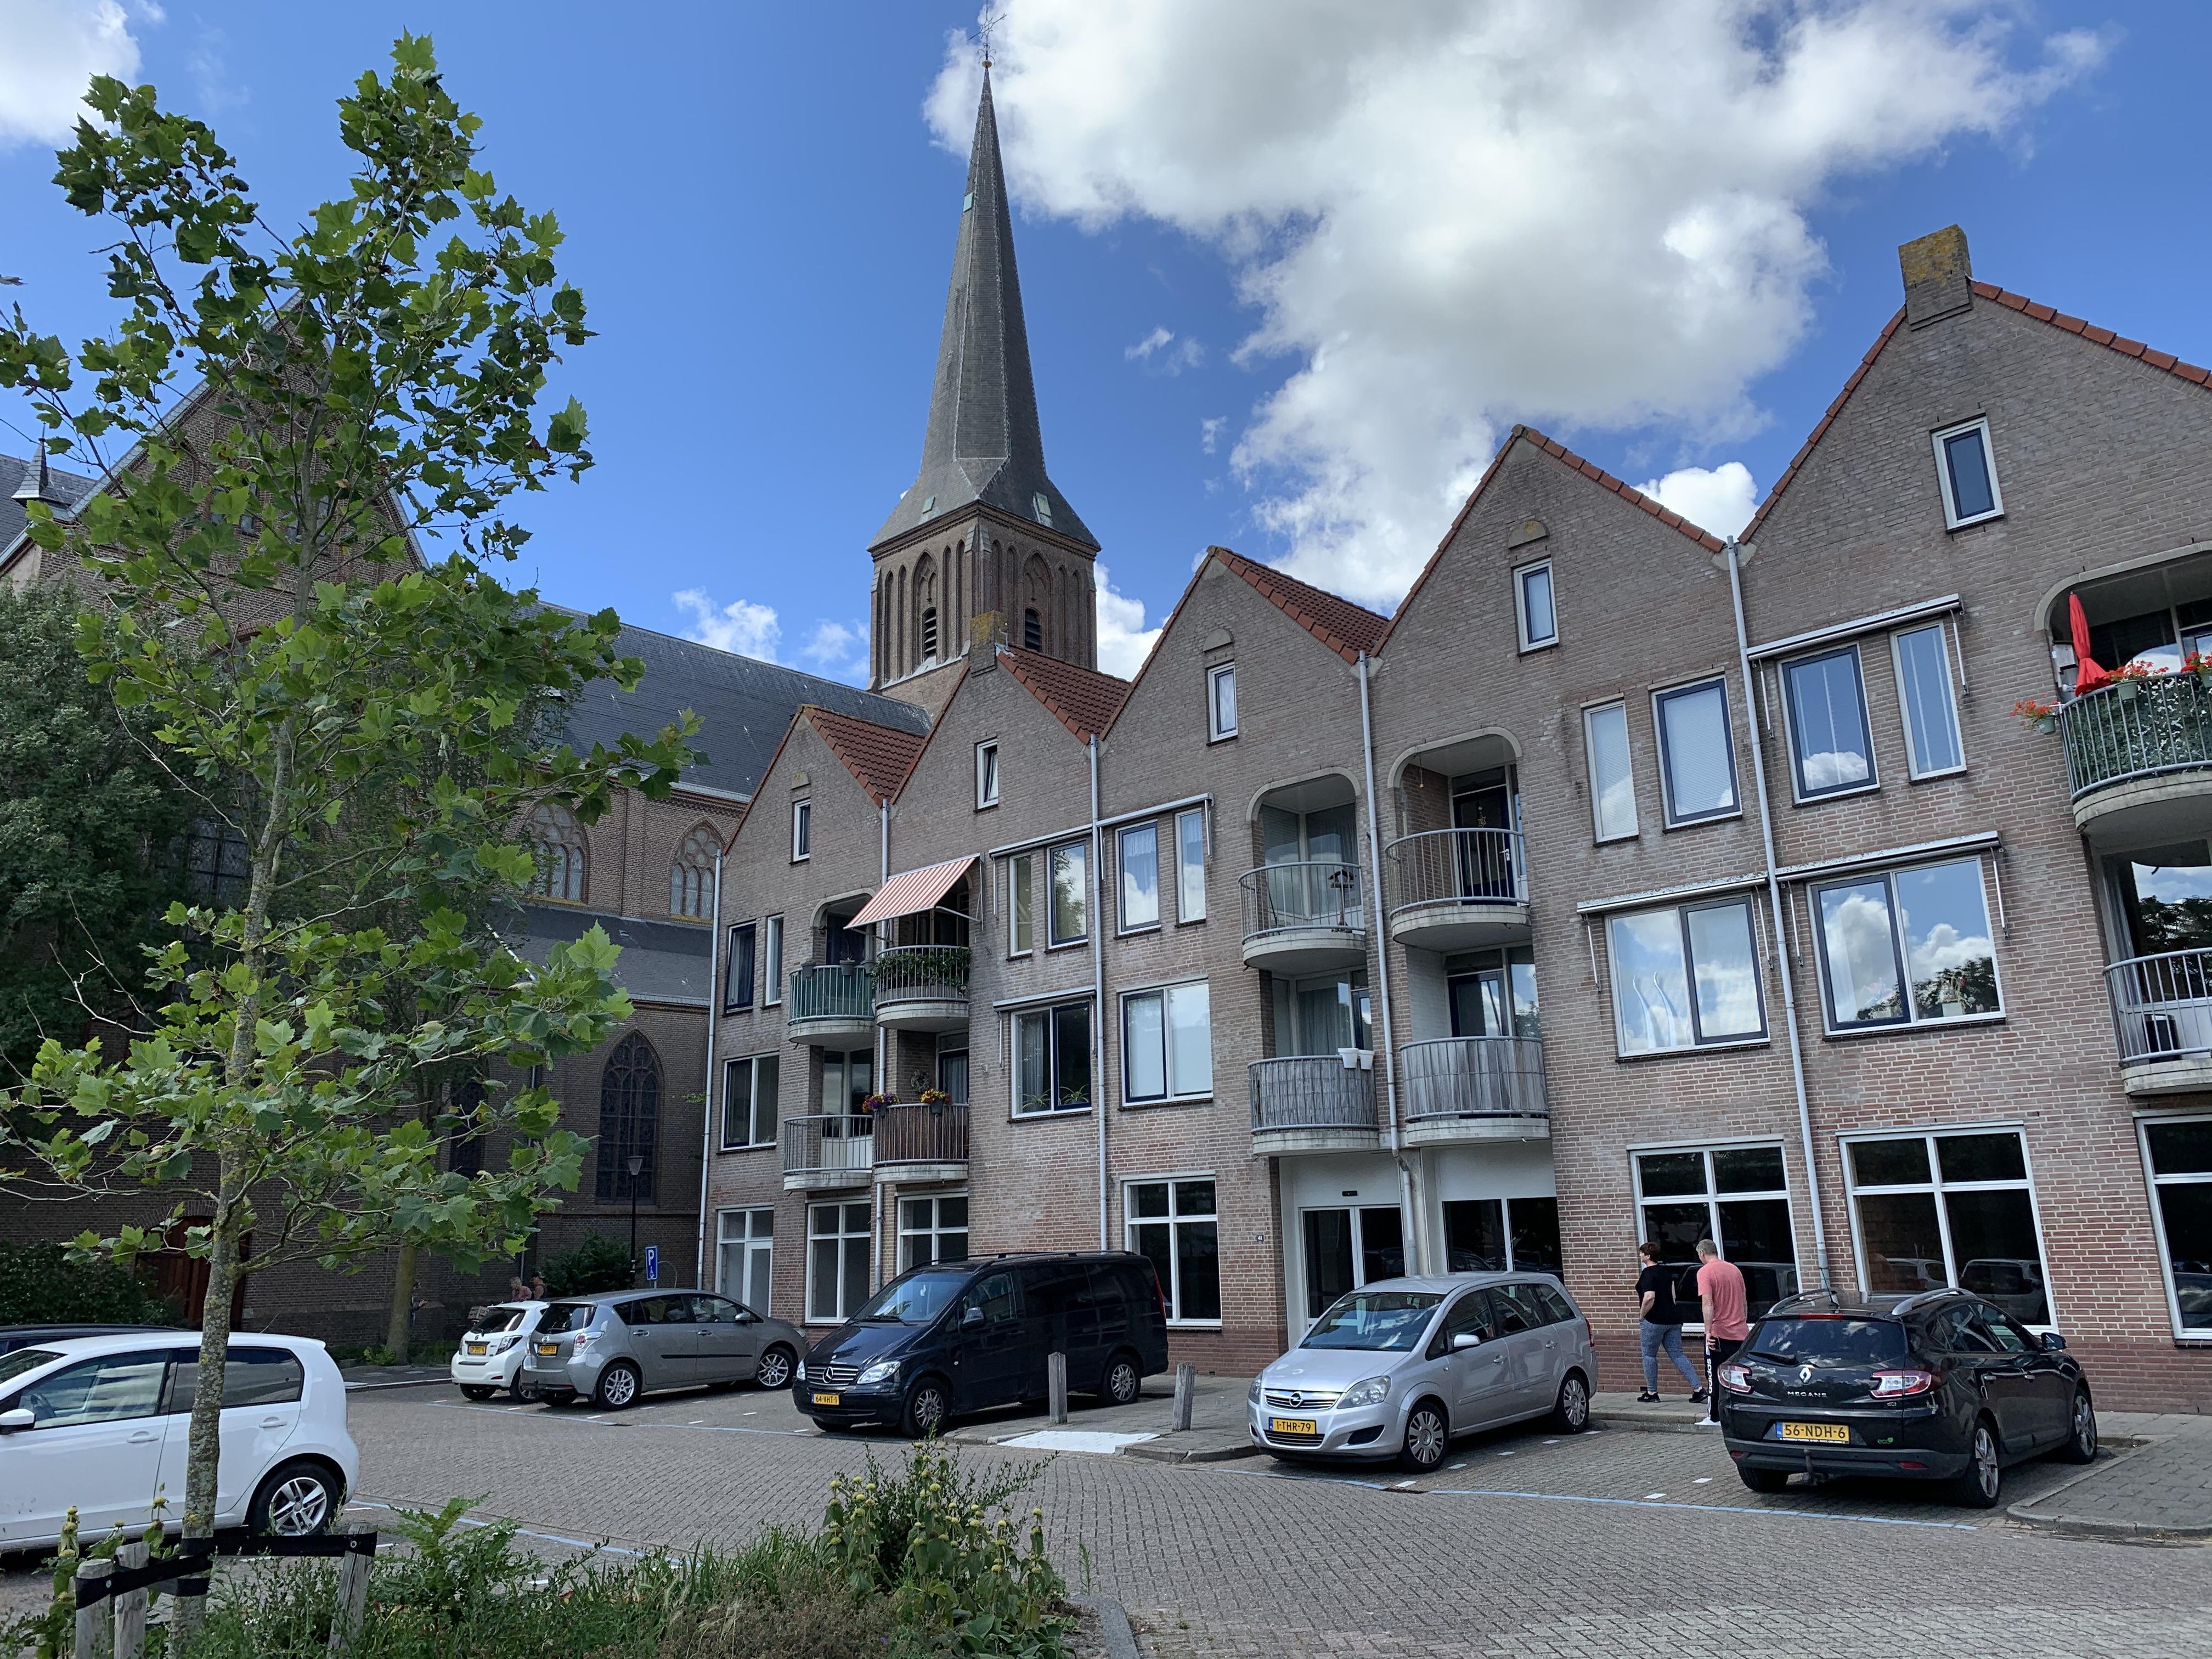 'Kale boel' bij verlaten Deen-pand in Schagen; Brabantse eigenaar blijft zoeken naar huurkandidaat